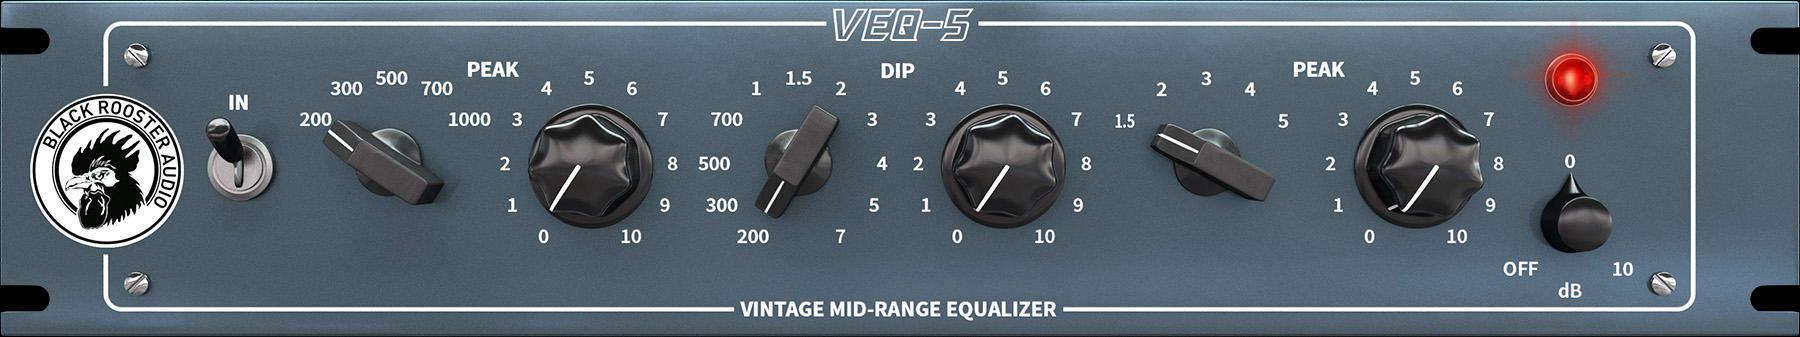 VEQ-5